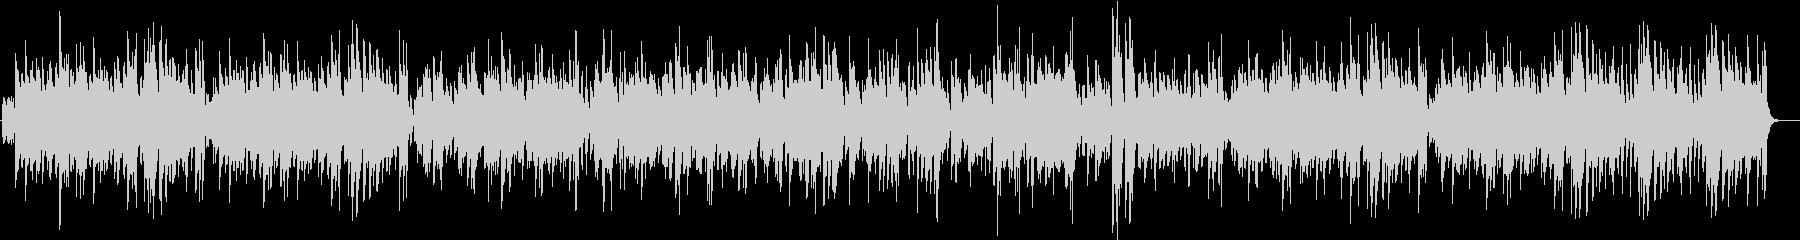 テナーサックスのスイングジャズの未再生の波形